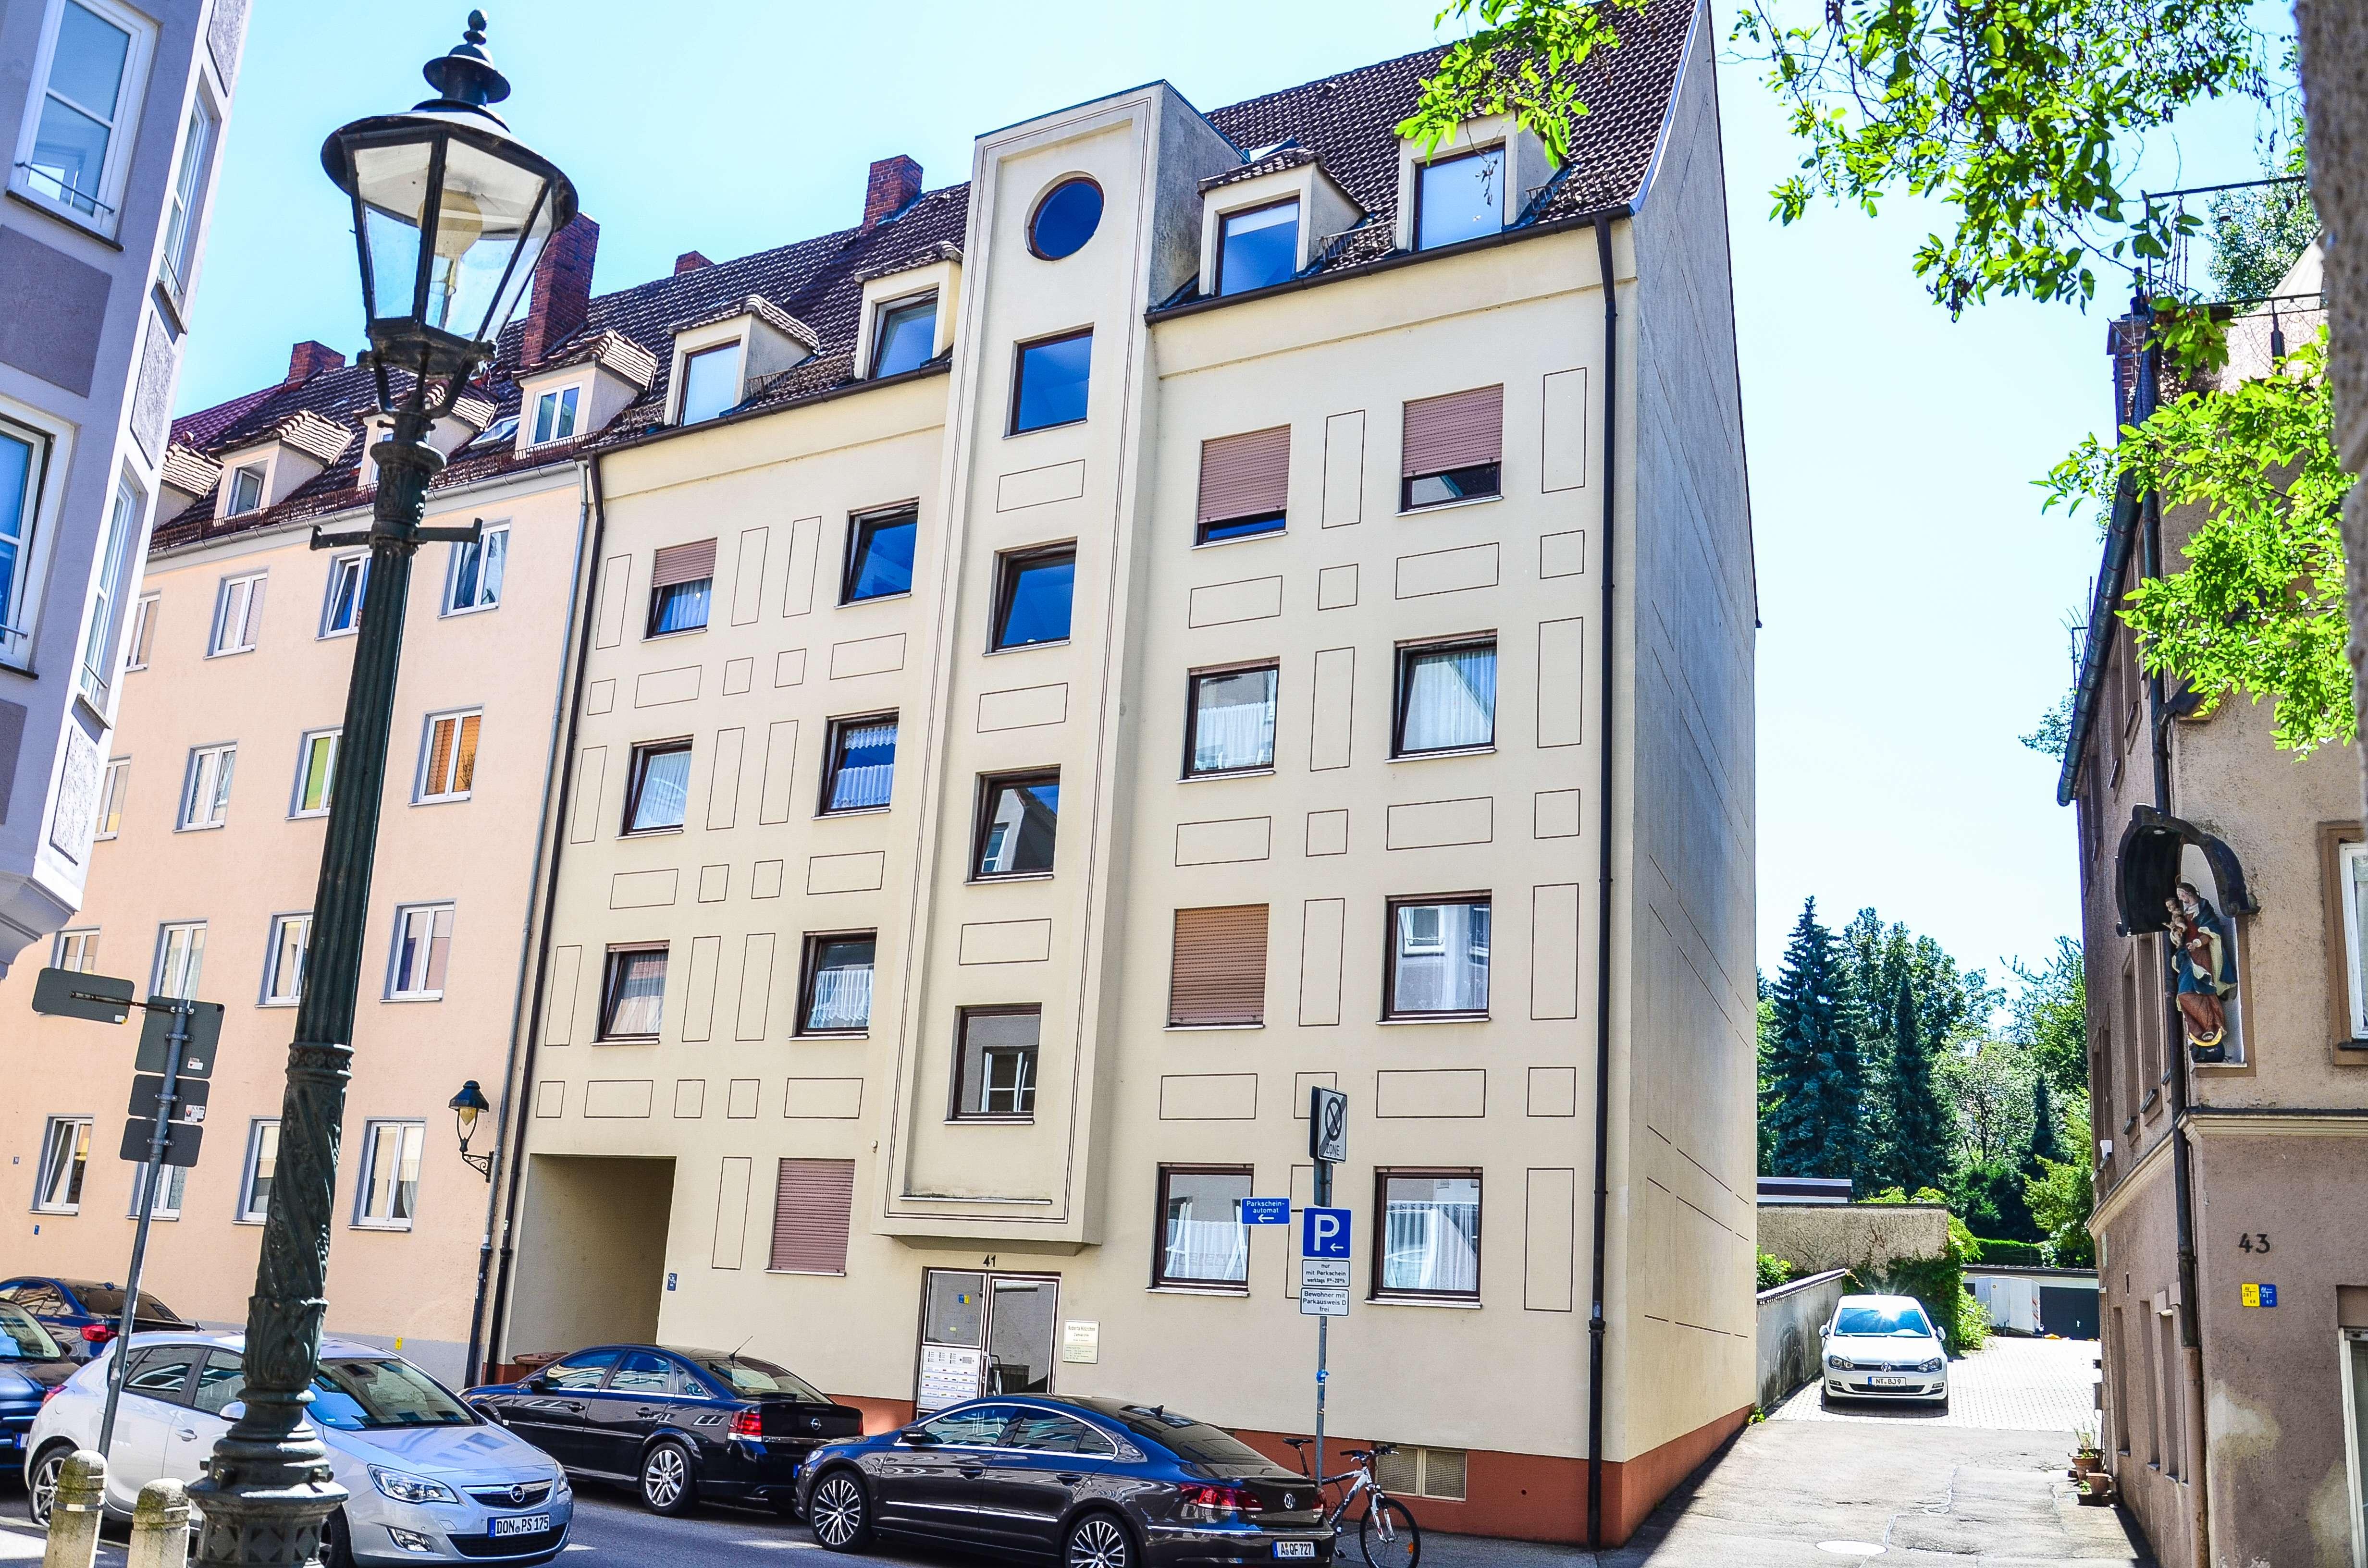 Ruhige, gepflegte 2-Zimmer-Wohnung mit EBK in Augsburg in Augsburg-Innenstadt